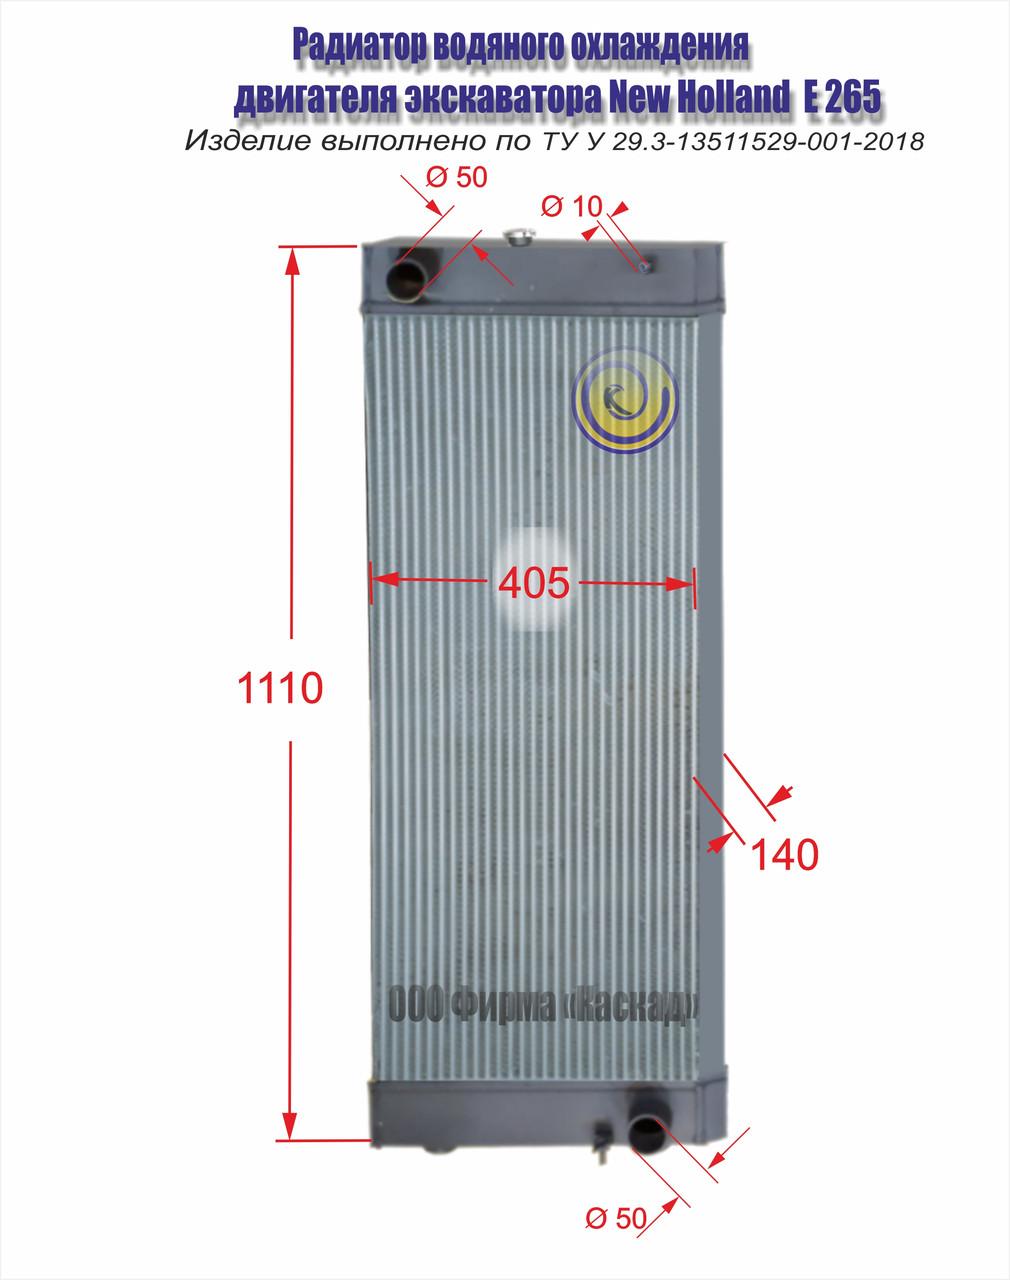 Радиатор водяного охлаждения двигателя экскаватора New Holland E 265